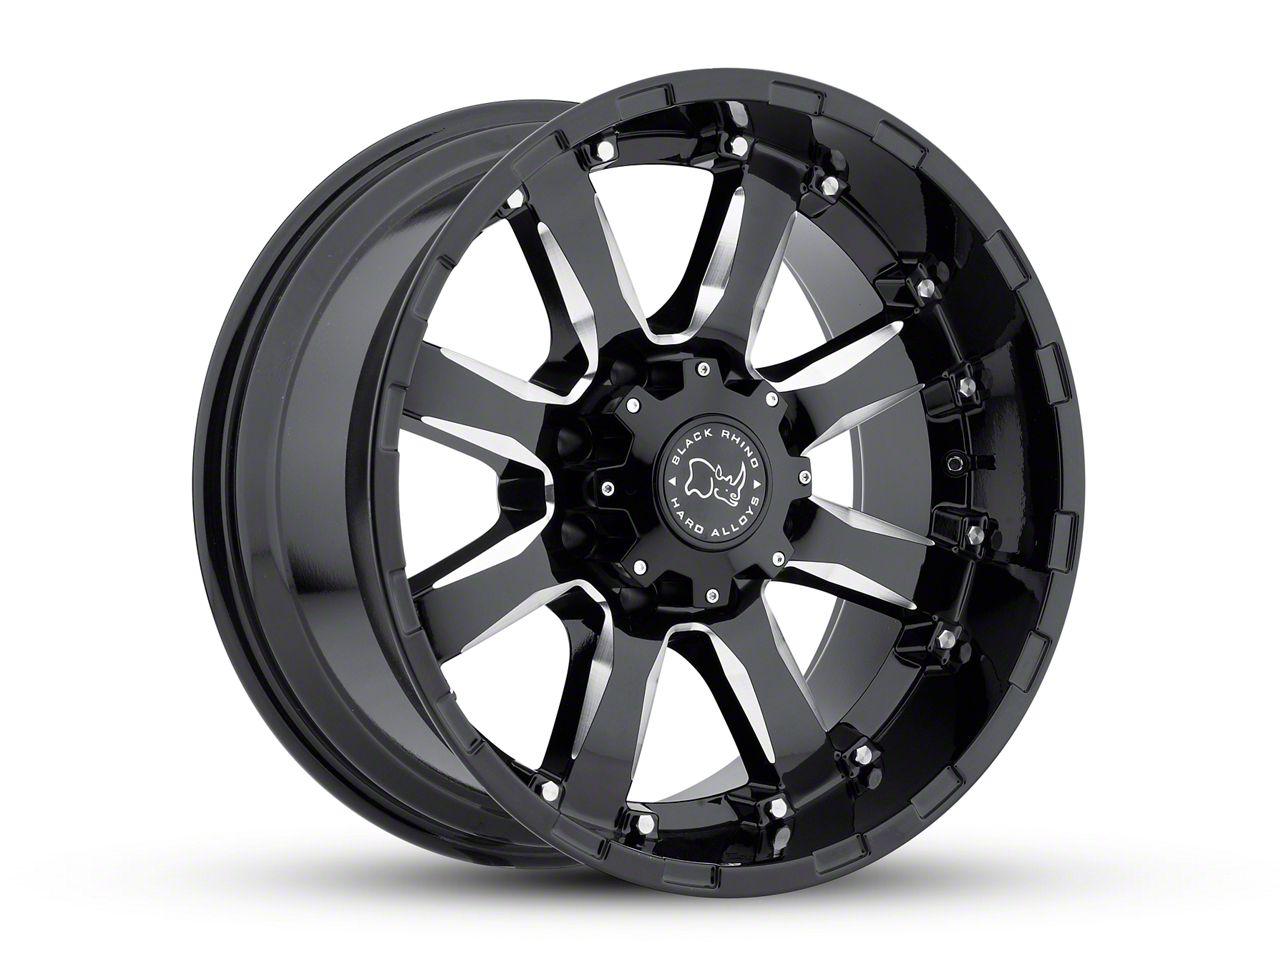 Black Rhino Sierra Gloss Black Milled 6-Lug Wheel - 18x9 (99-18 Silverado 1500)